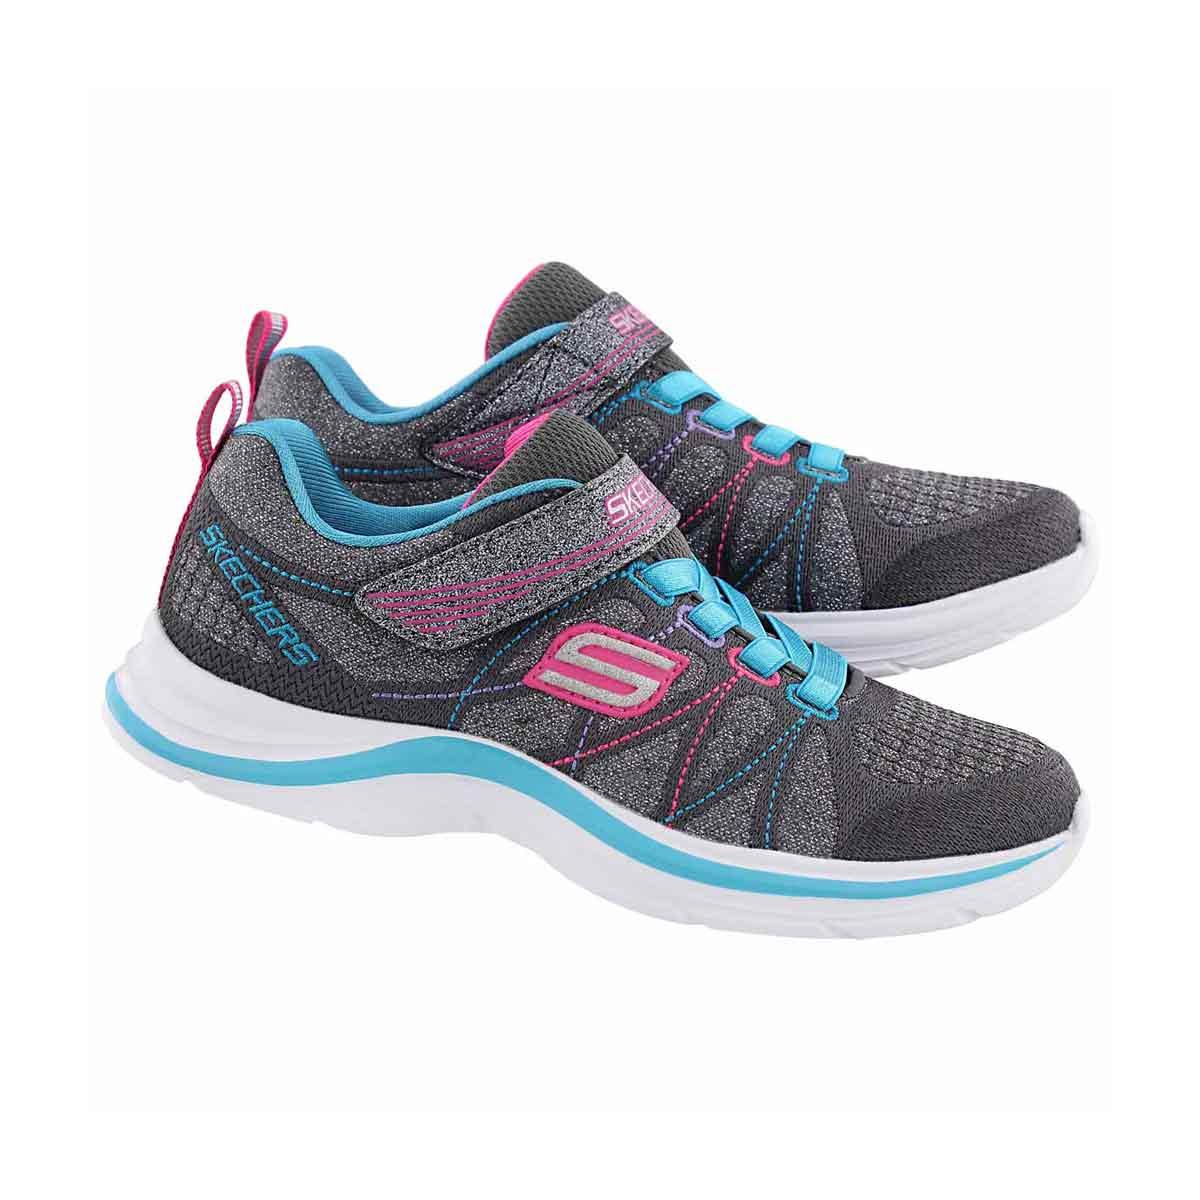 Grls Swift Kicks blu/mlt sparkle sneaker